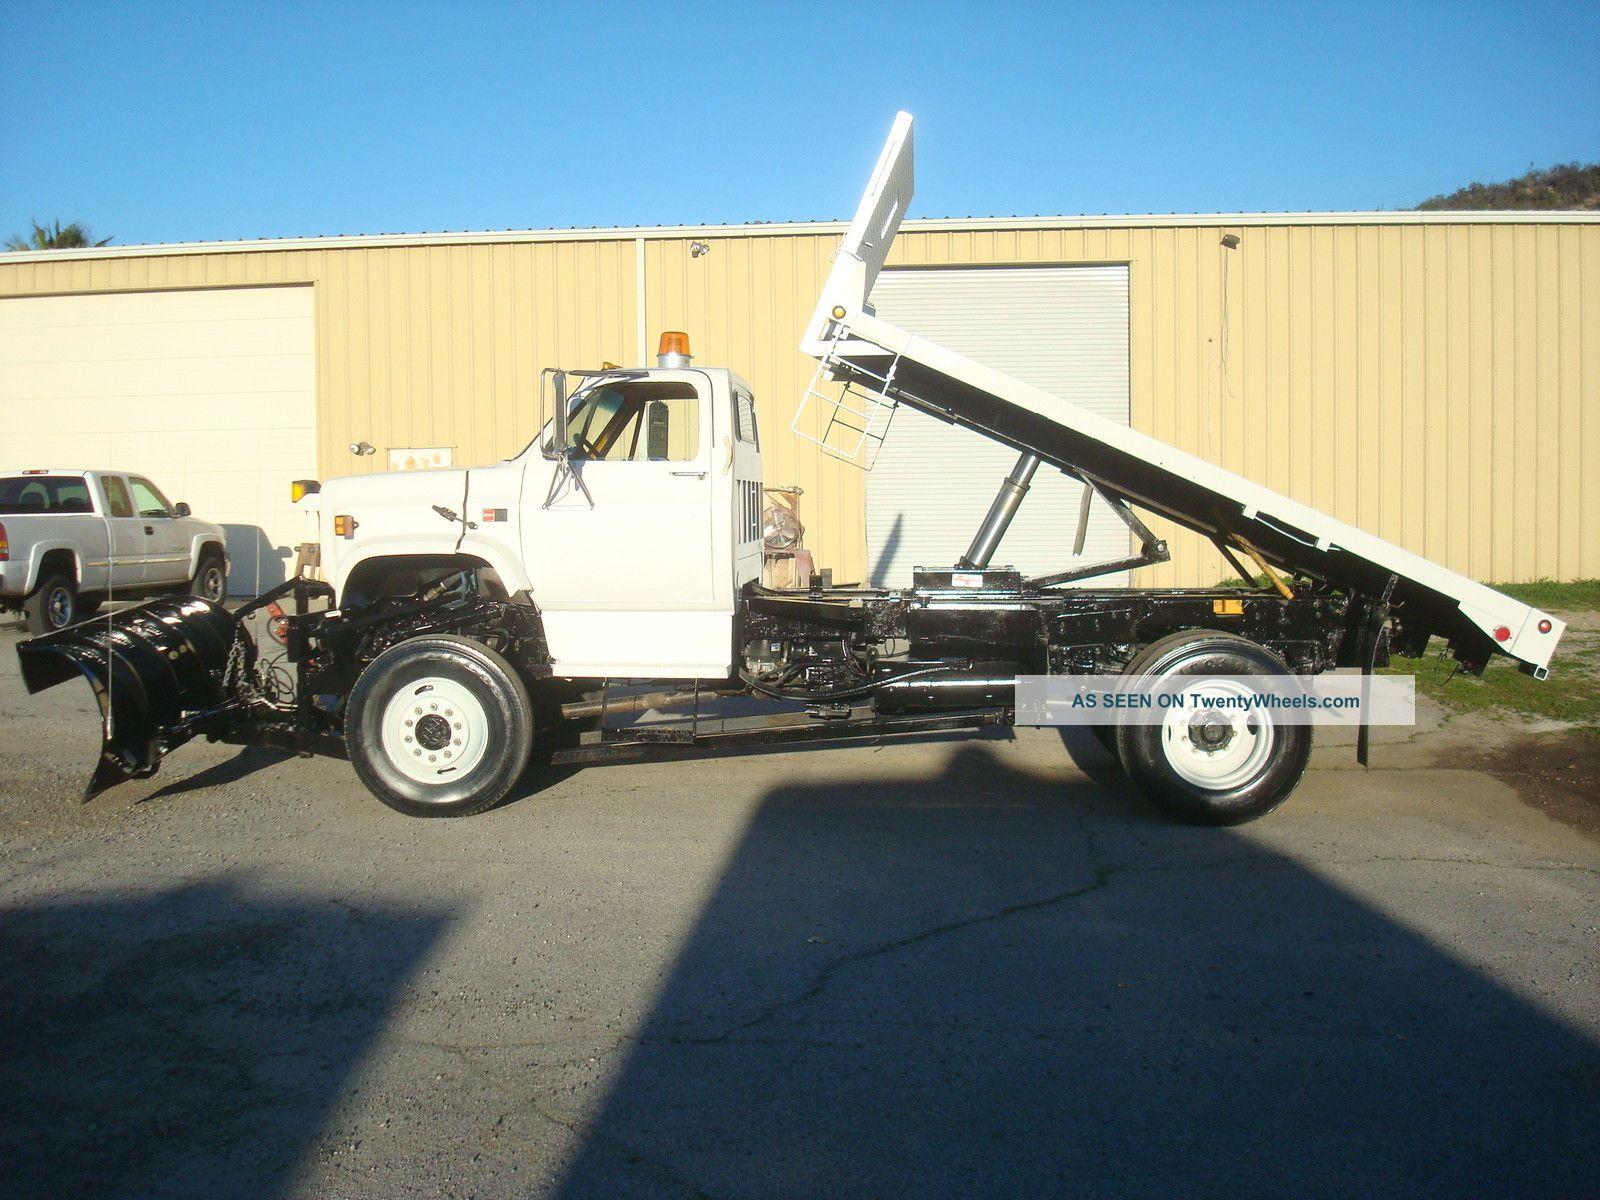 1989 Gmc sierra 7000 single axle dump truck